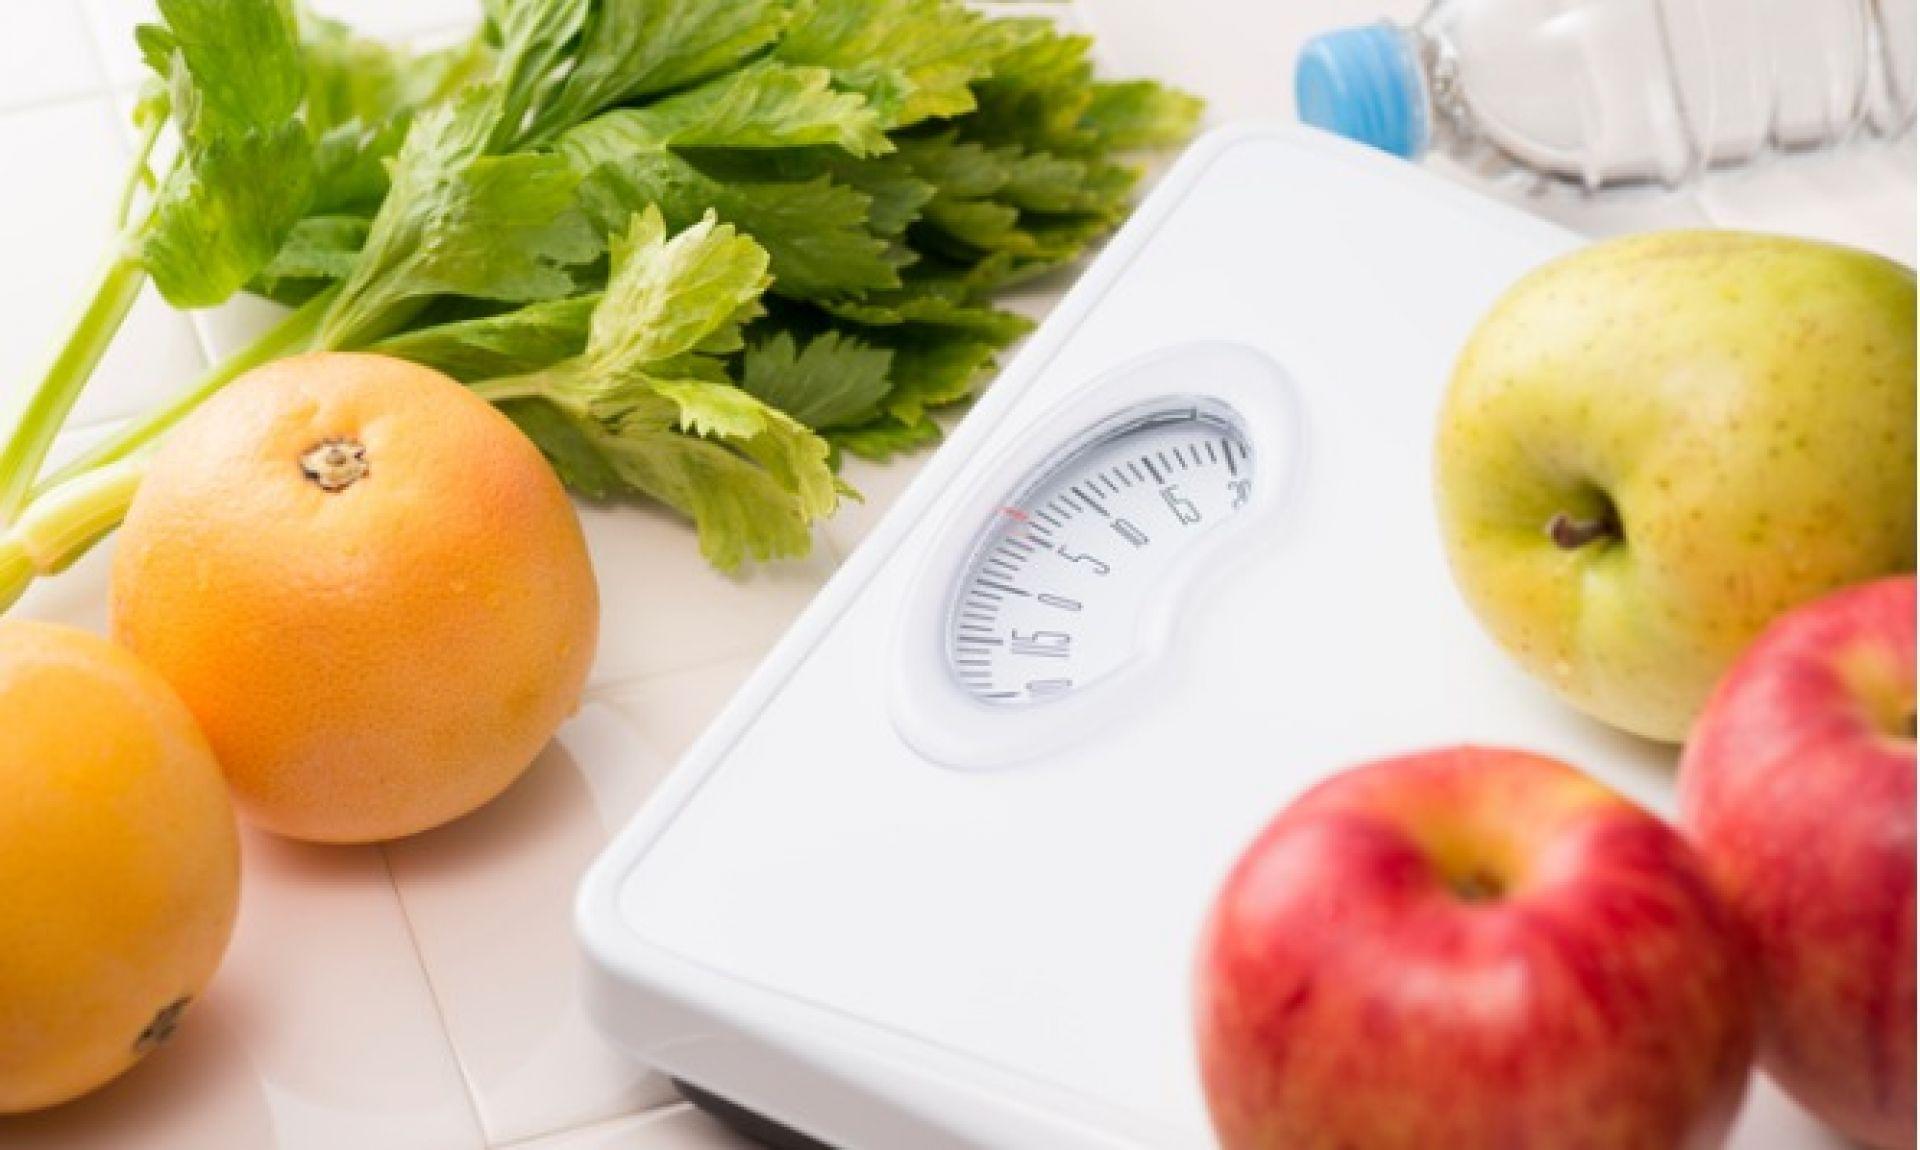 Φρούτα ακατάλληλα και κατάλληλα για απώλεια βάρους